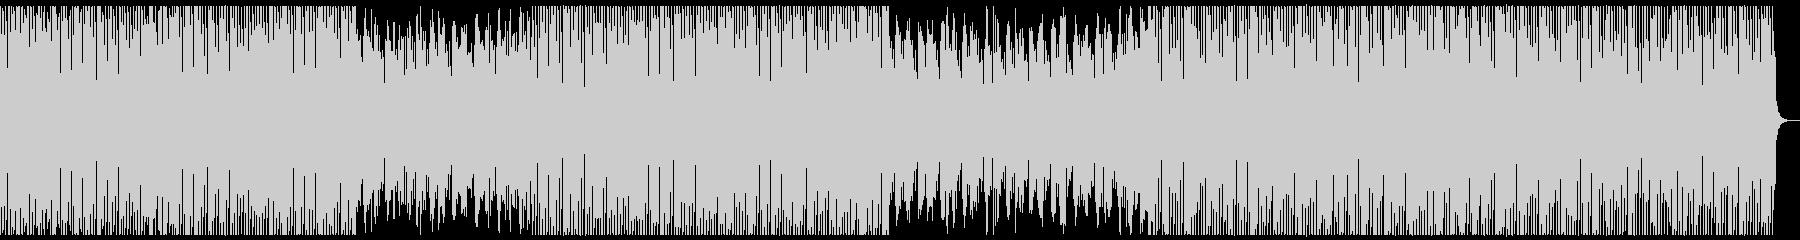 オシャ4つ打ち、スタイリッシュ雰囲気系8の未再生の波形